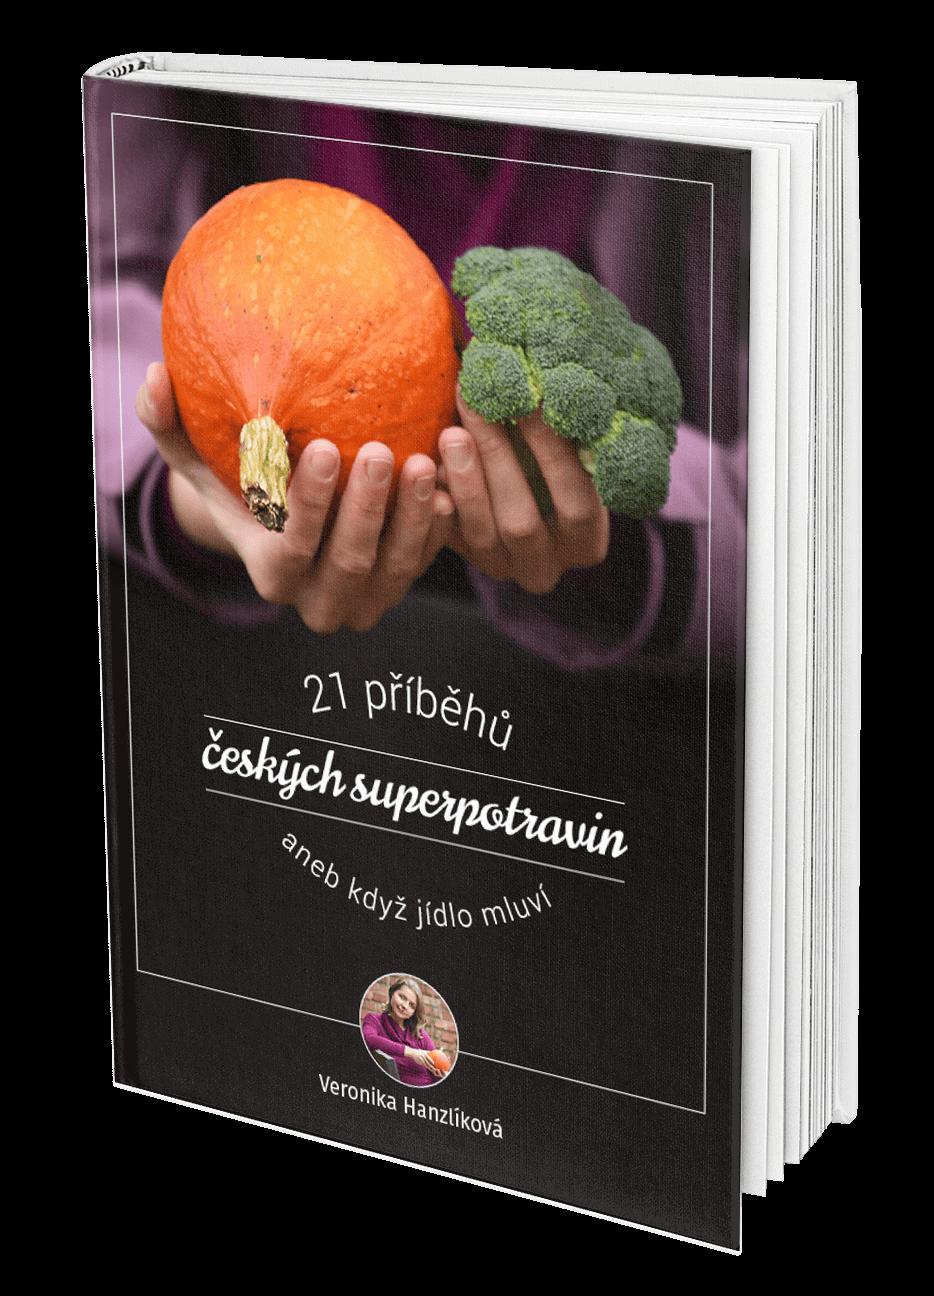 E-kniha Veroniky Hanzlíkové o českých superpotravinách